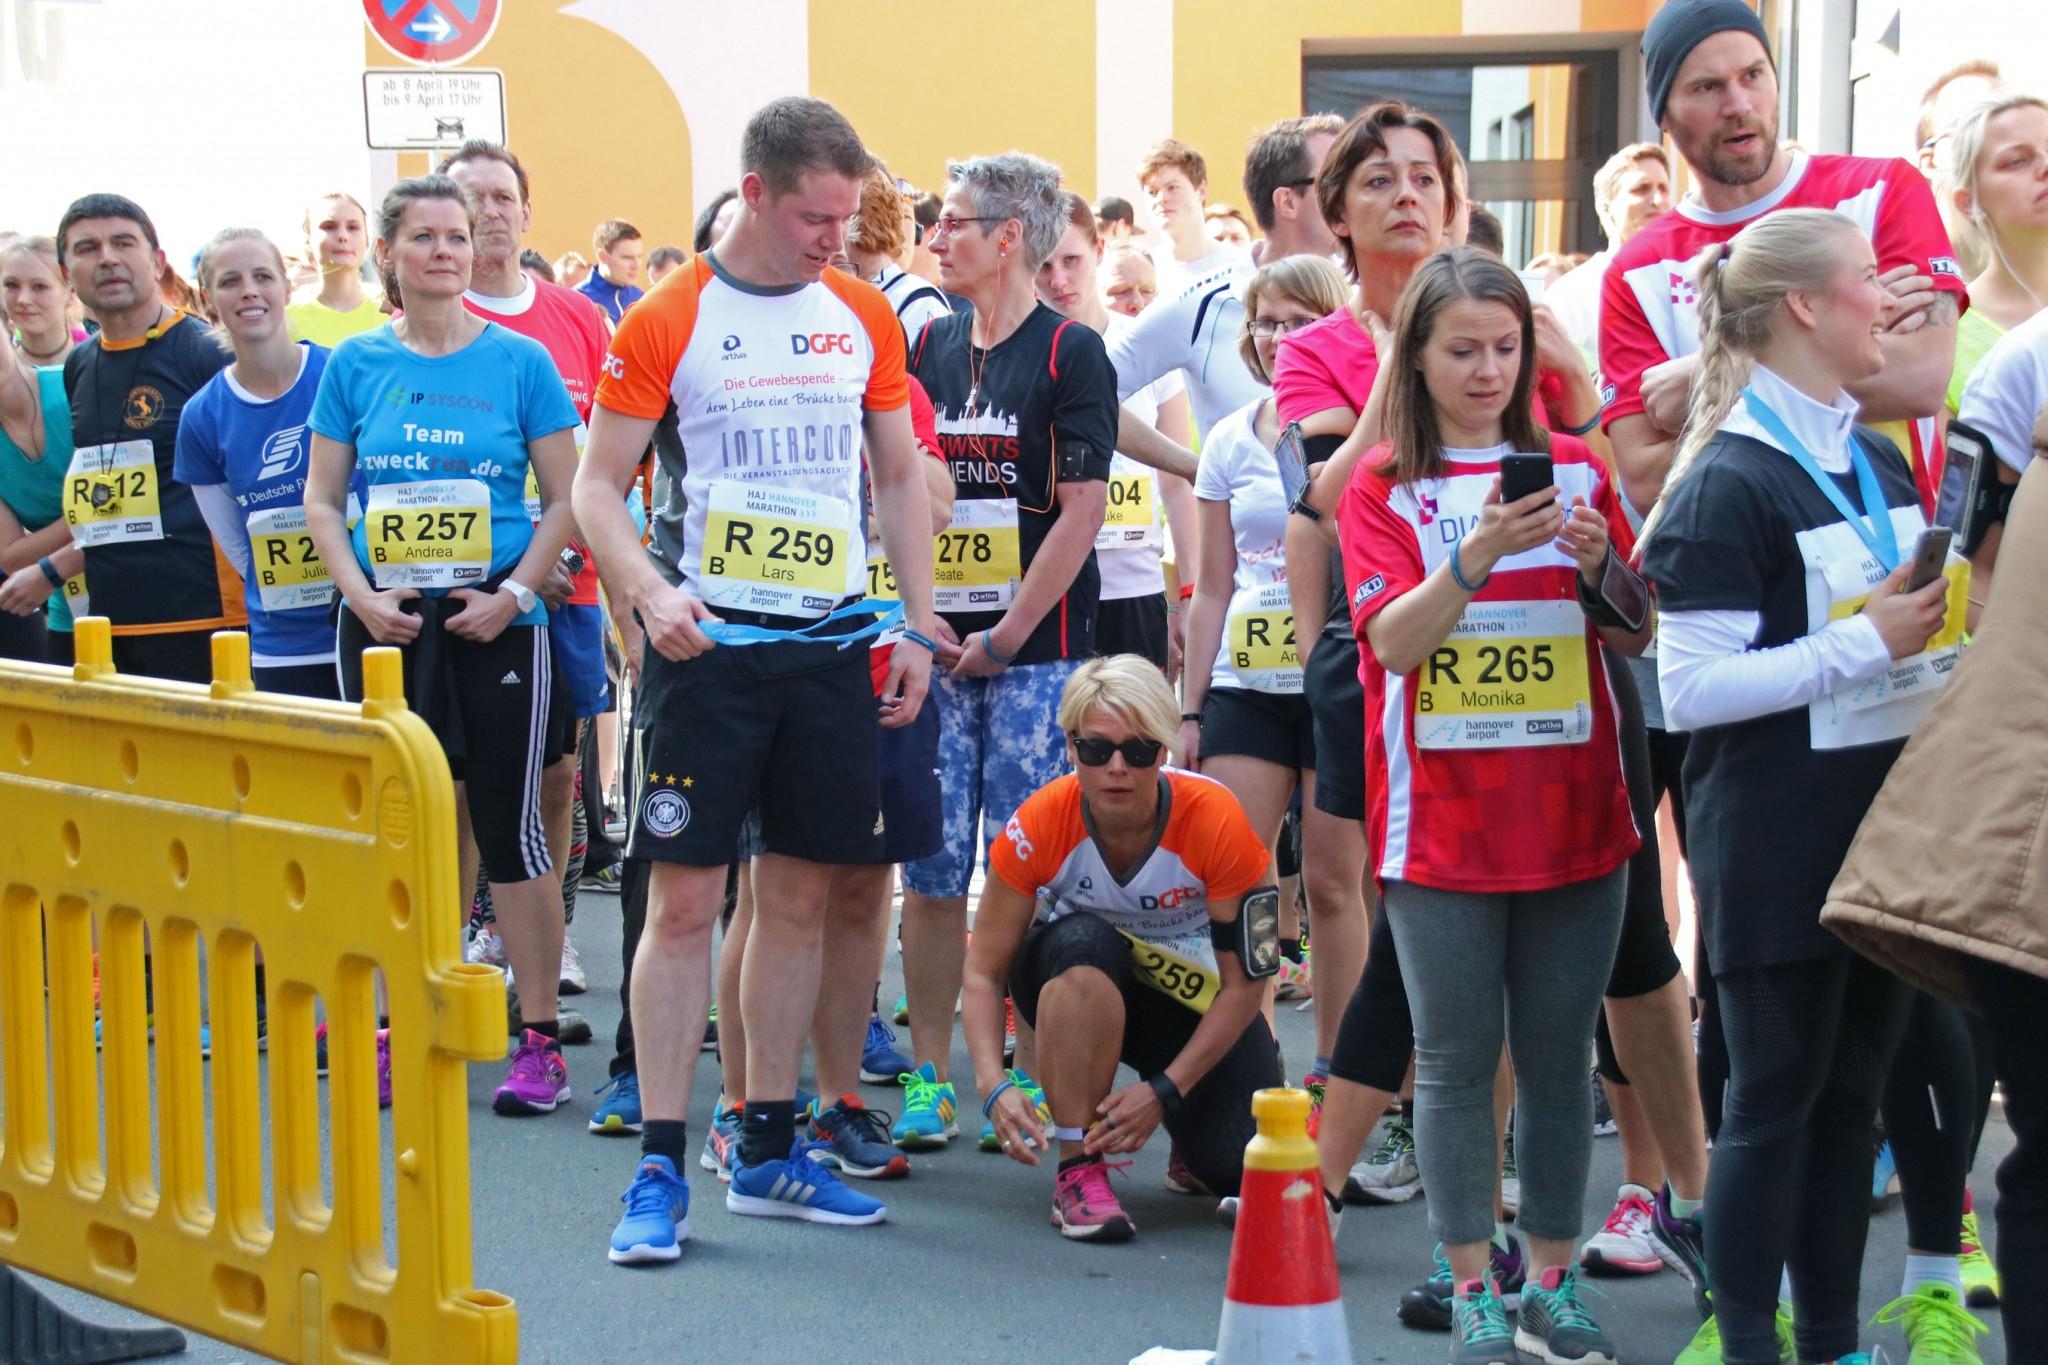 Staffellauf Spende Hannover MArathon Gewebespende DGFG